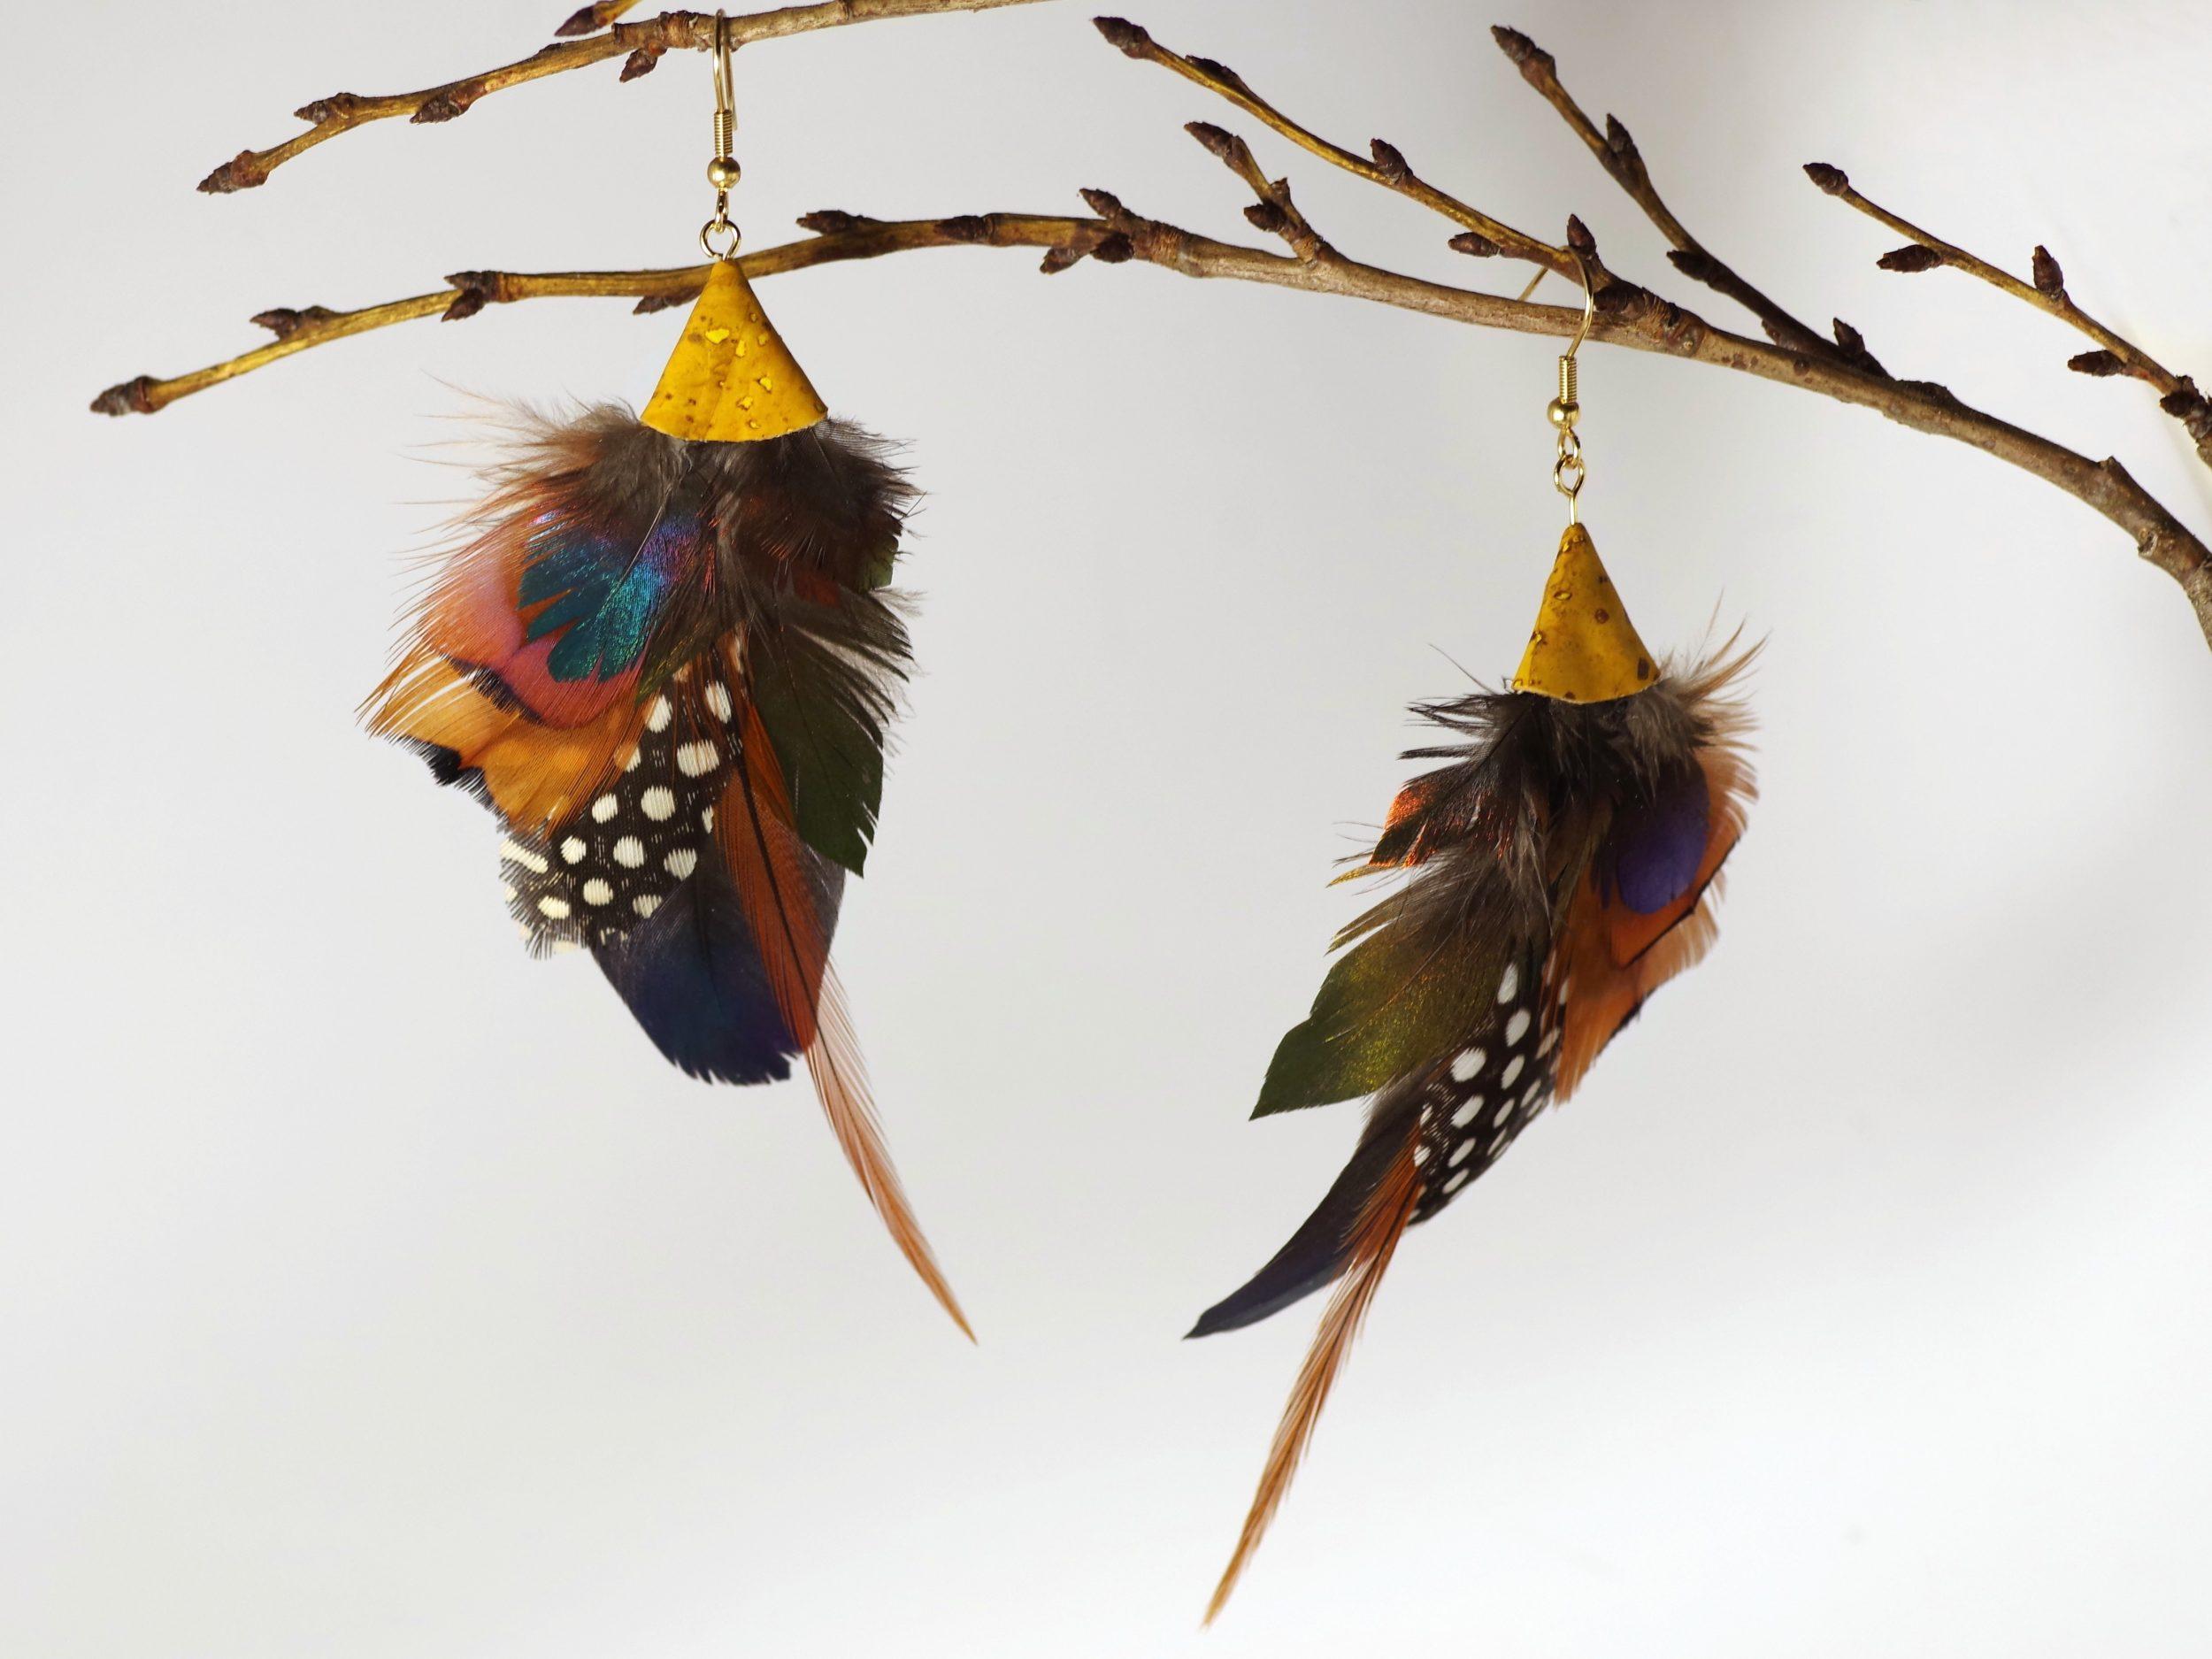 grandes bouces d'oreilles en plumes multicolores naturelles, couleurs vives et reflets marron, cuivré, bleu foncé, reflets turquoise, vert, pois noir et blanc